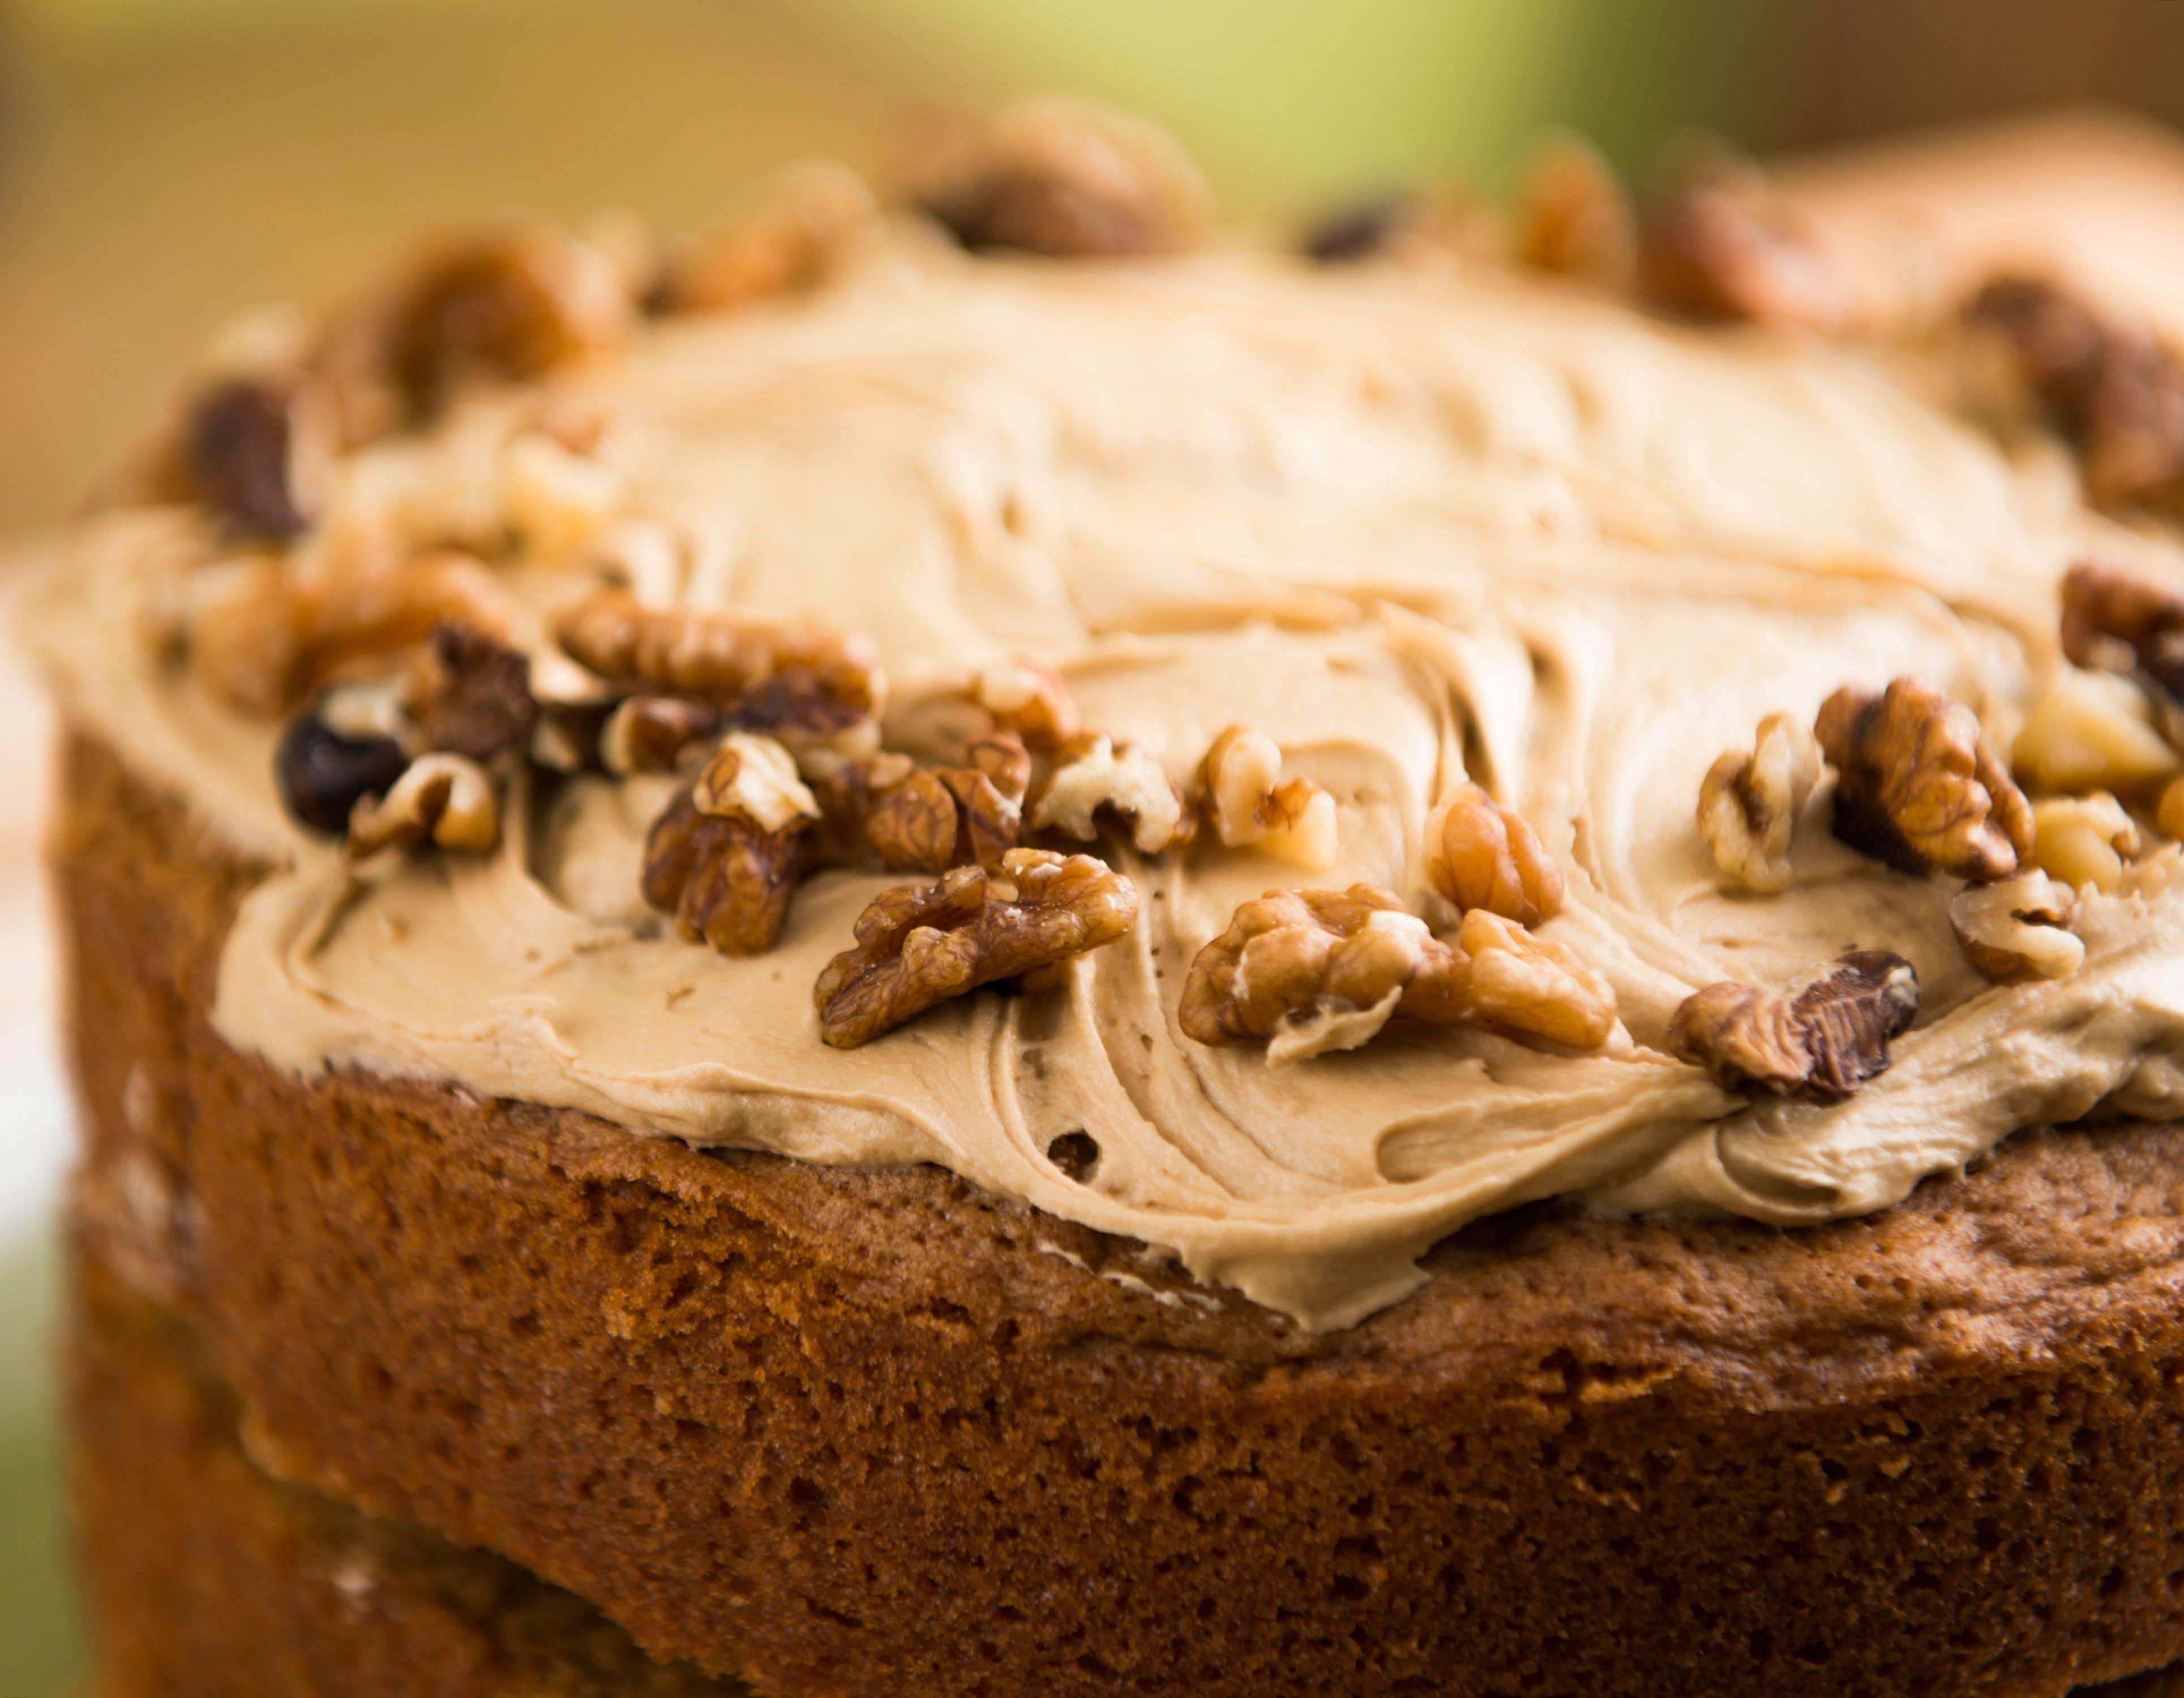 맛있는, 슬라이스 조각, 초콜릿, 케이크의